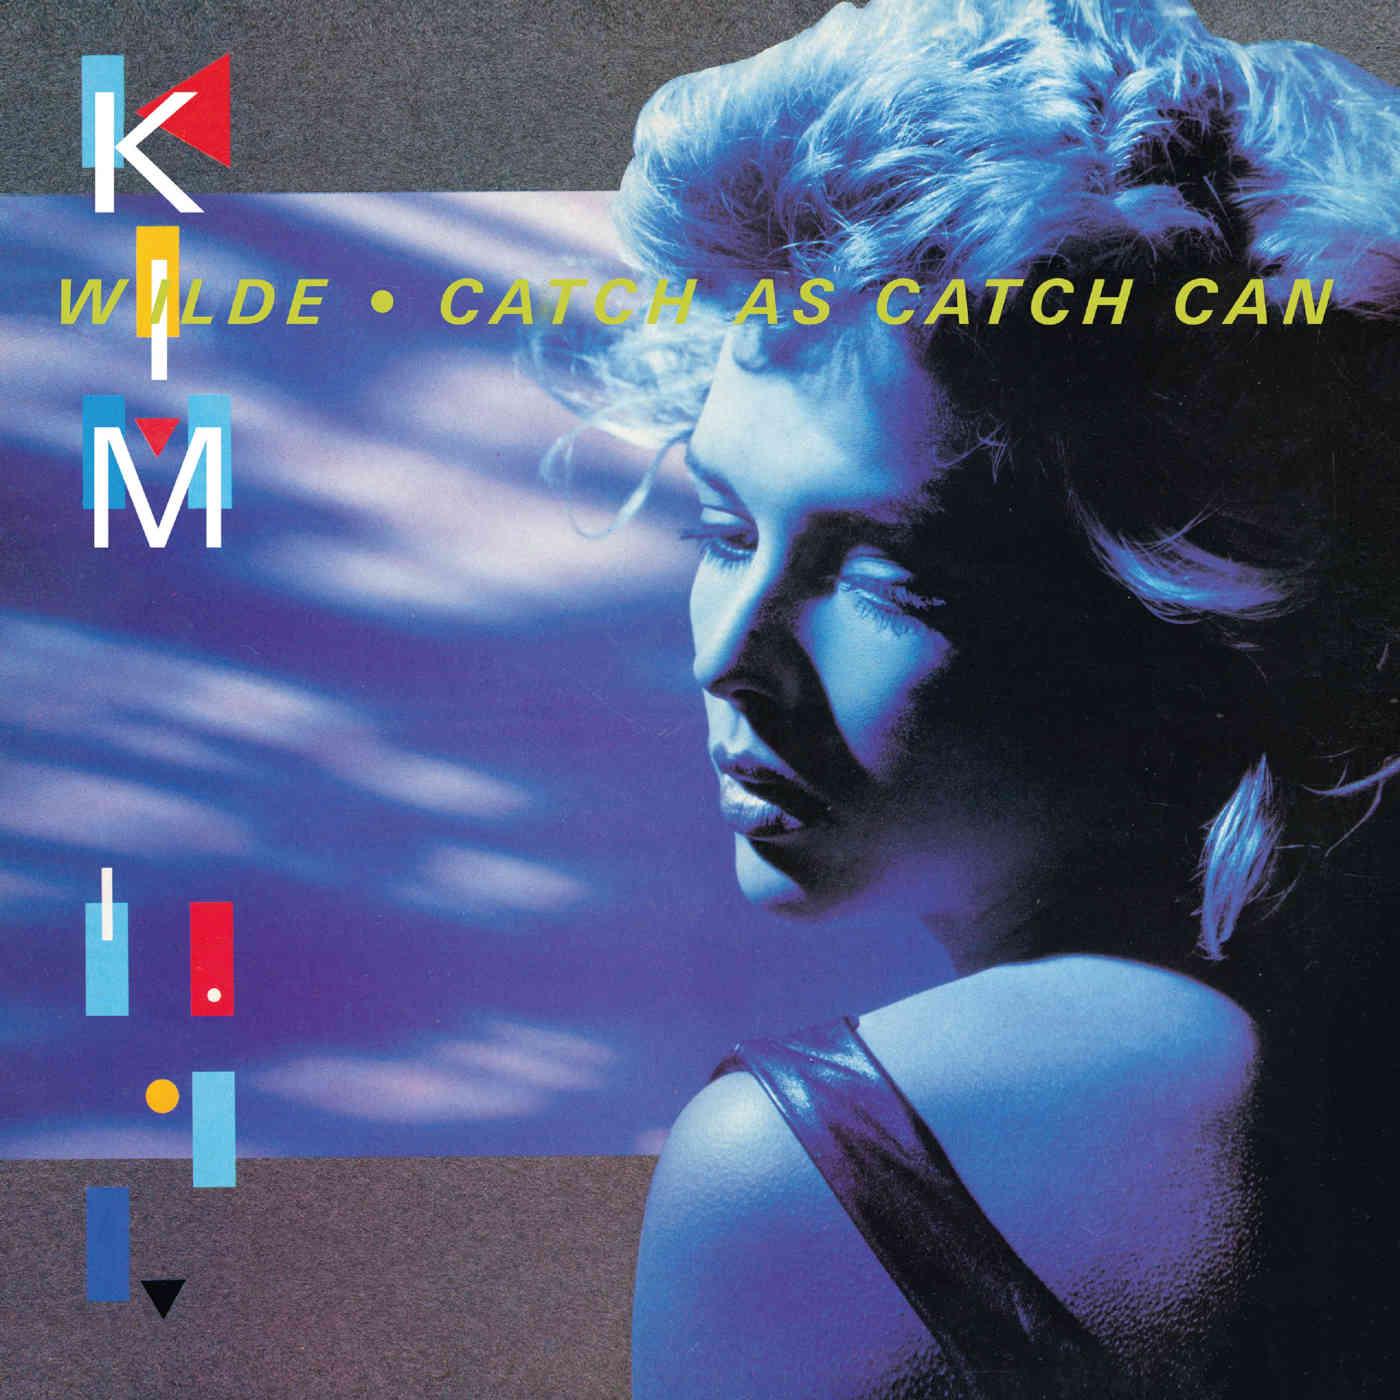 Okładka albumu Catch as Catch Can Kim Wilde